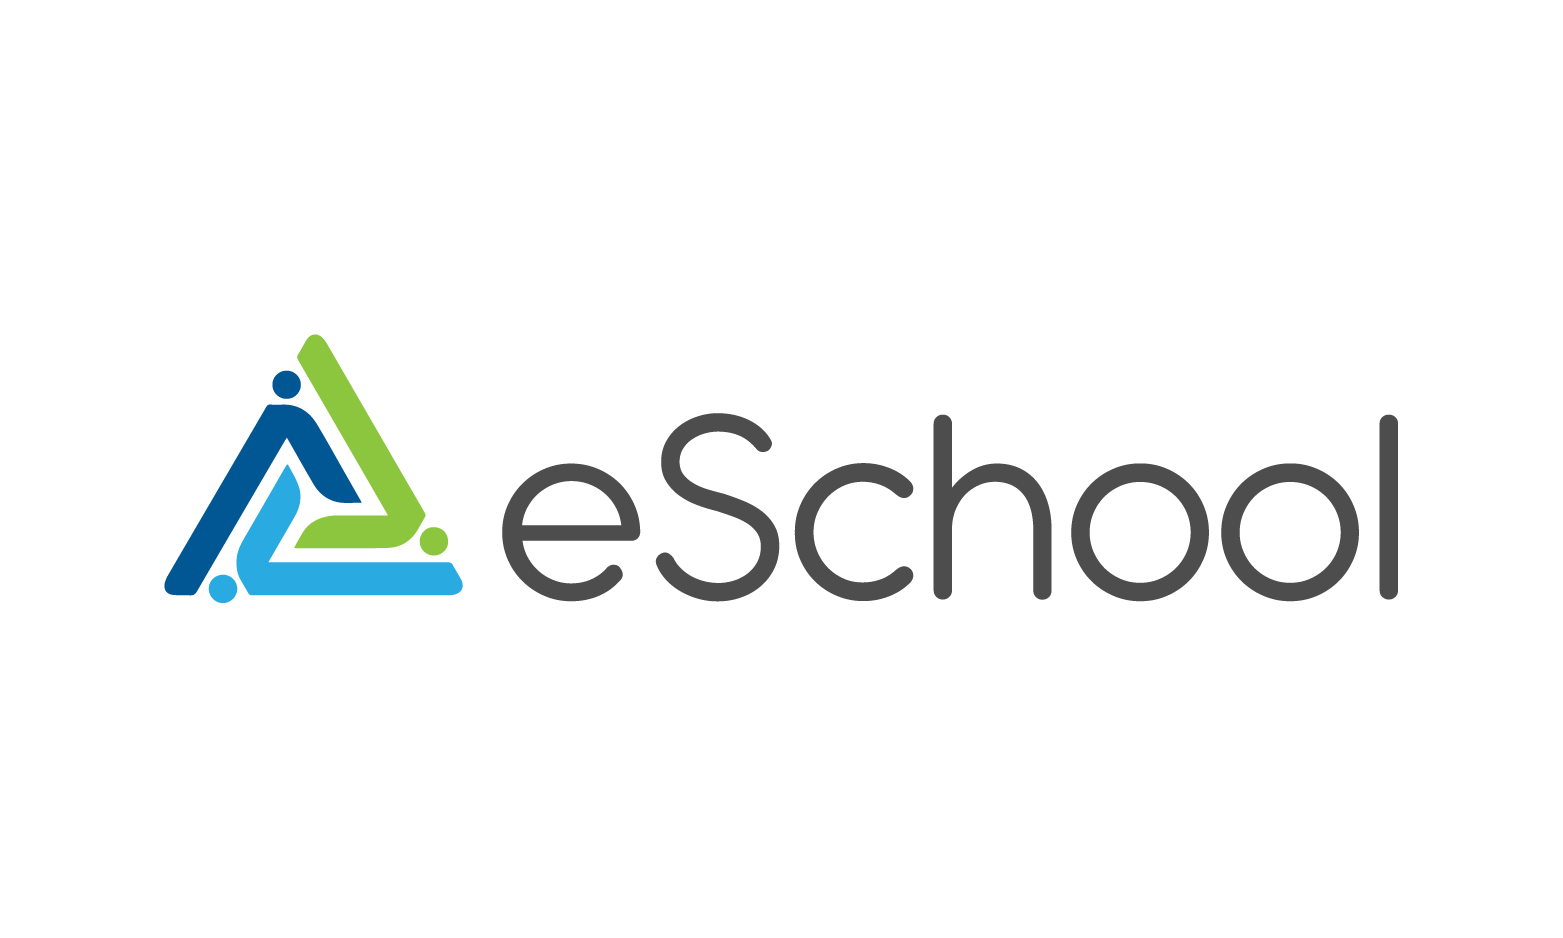 eSchool.io